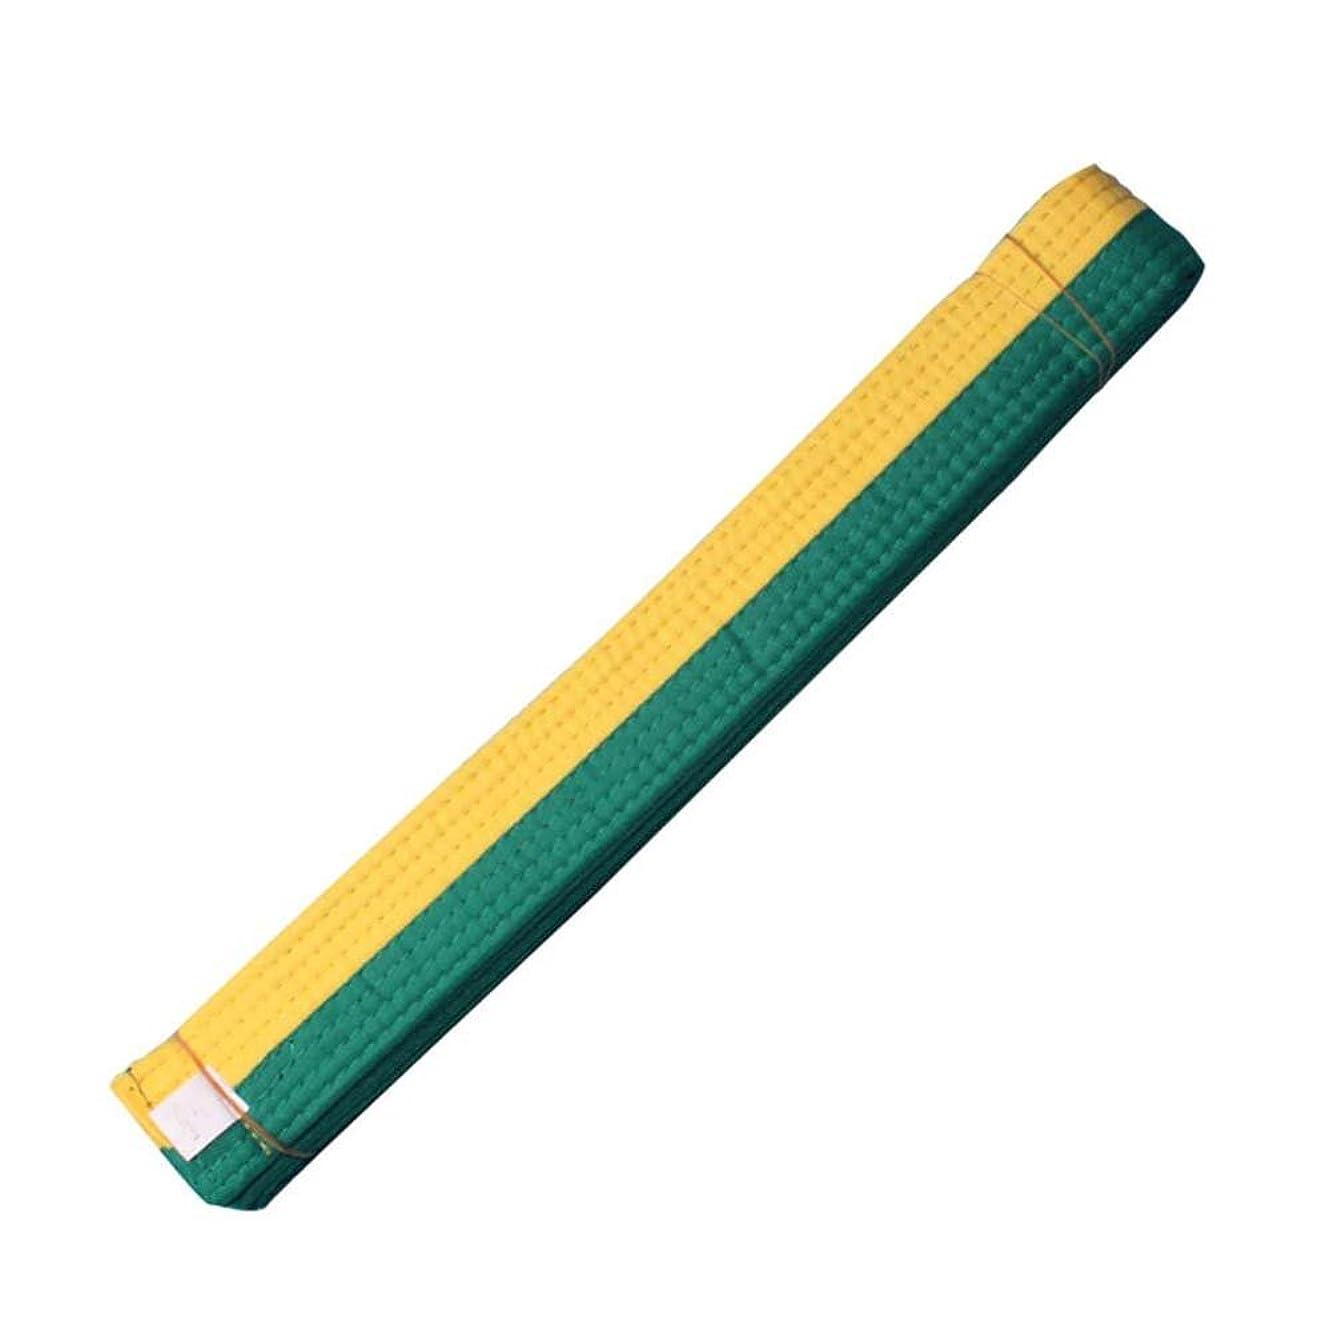 変なクリップ神の260 cm / 102.36インチランク武道テコンドーハプキド空手ベルト - 黄そして緑